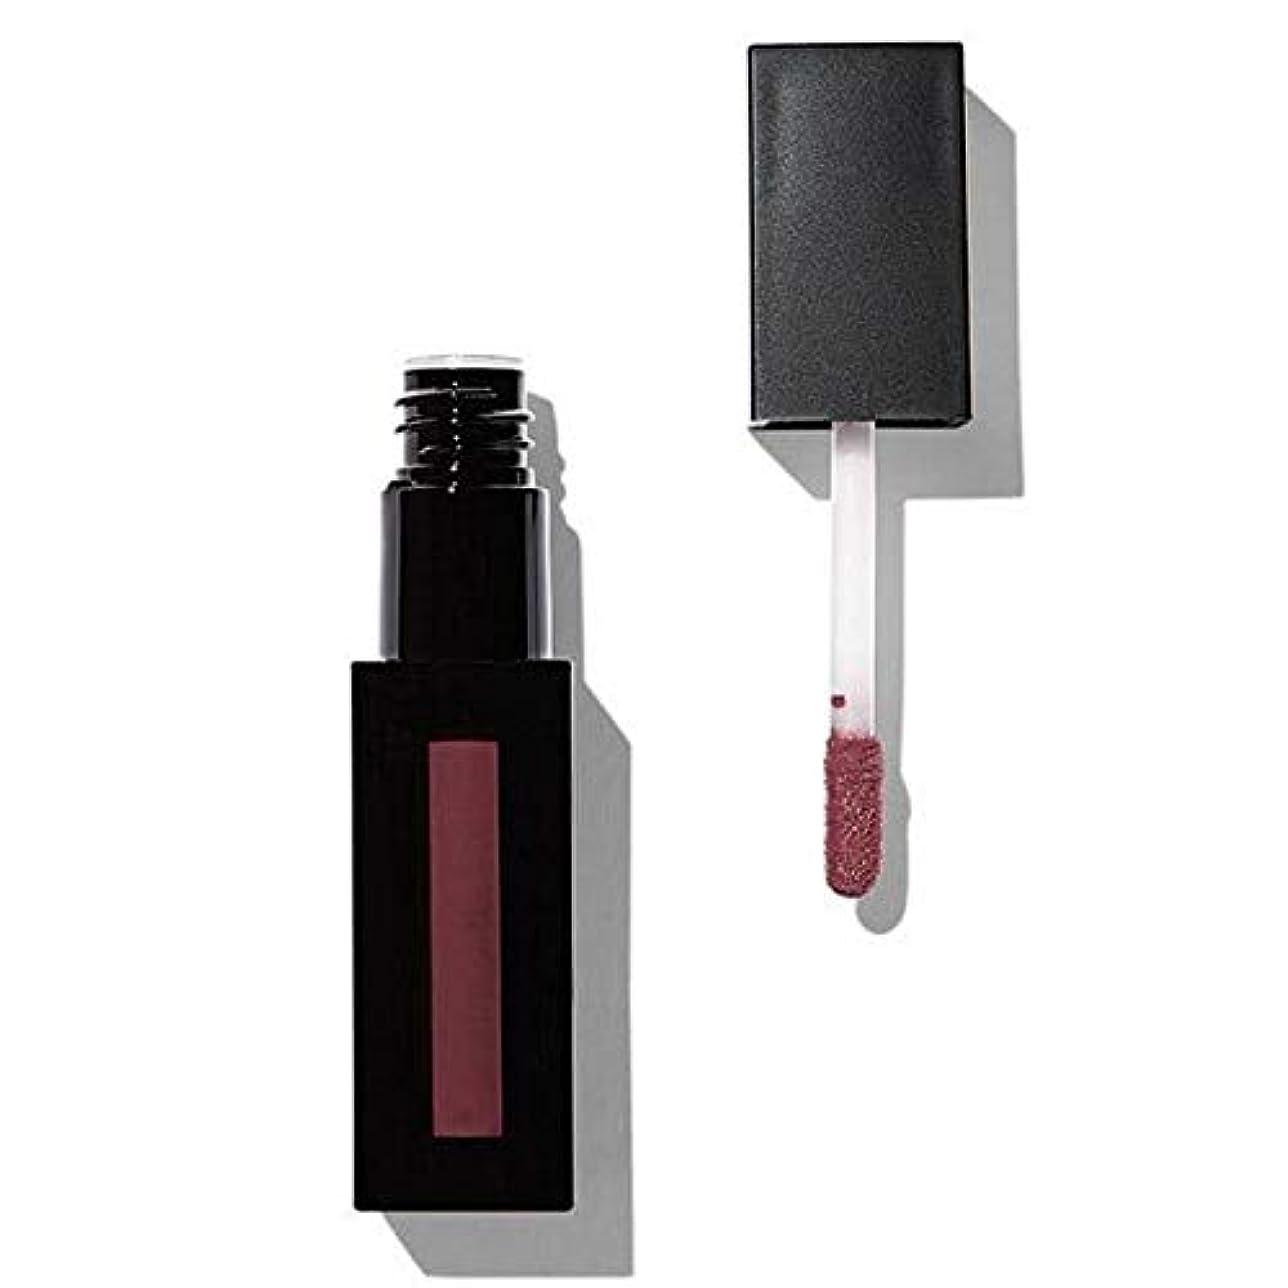 愛人赤ちゃん慣性[Revolution ] 革命プロ最高のマットリップ顔料予感 - Revolution Pro Supreme Matte Lip Pigment Premonition [並行輸入品]